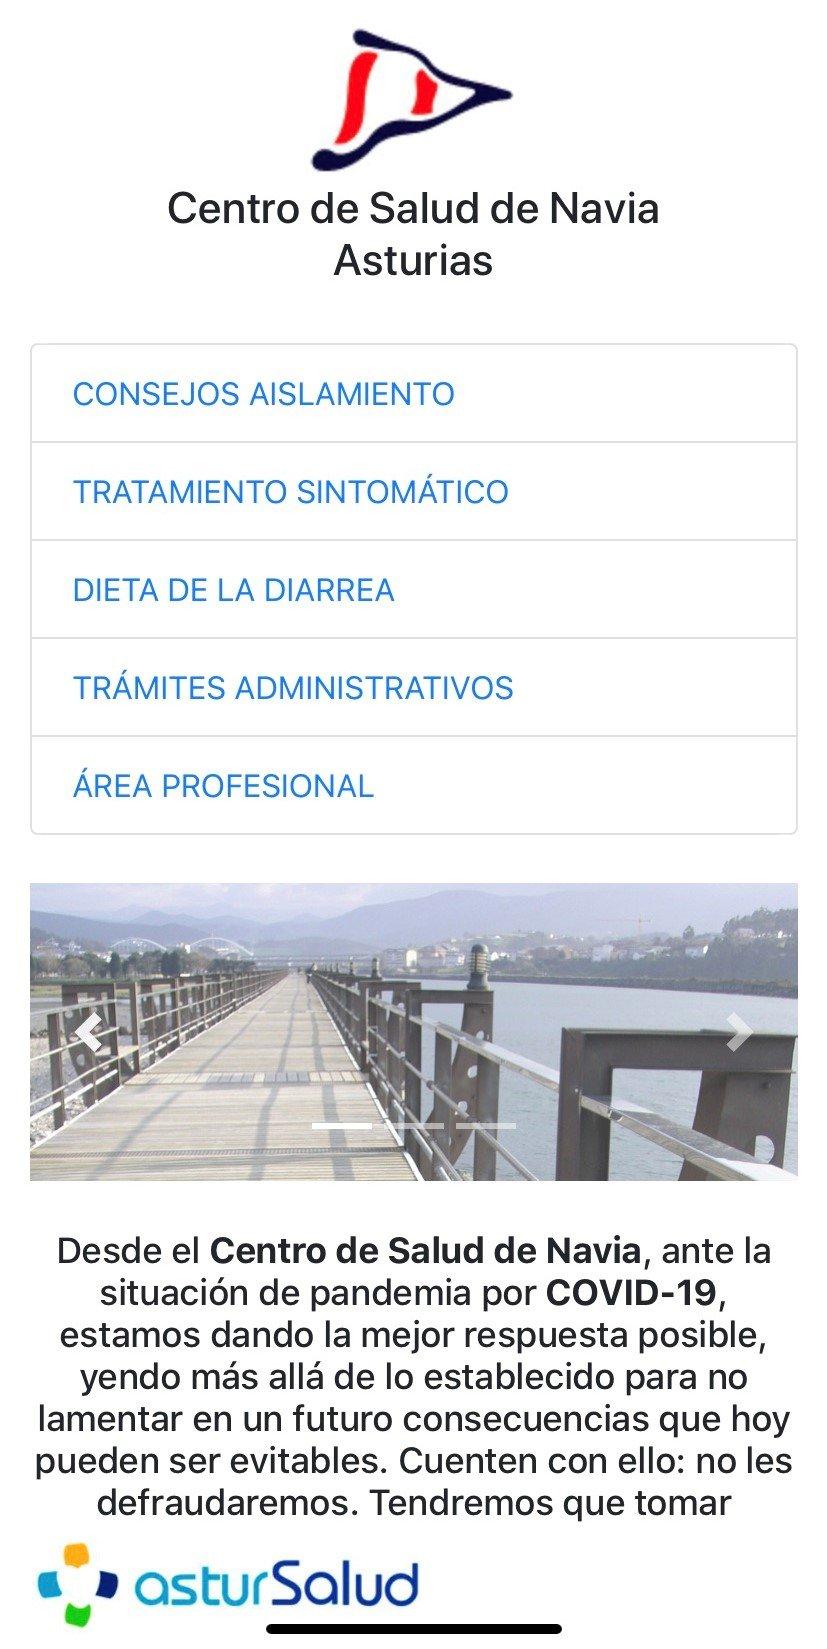 El Centro de Salud de Navia crea una web para informar sobre el coronavirus Covid- 19